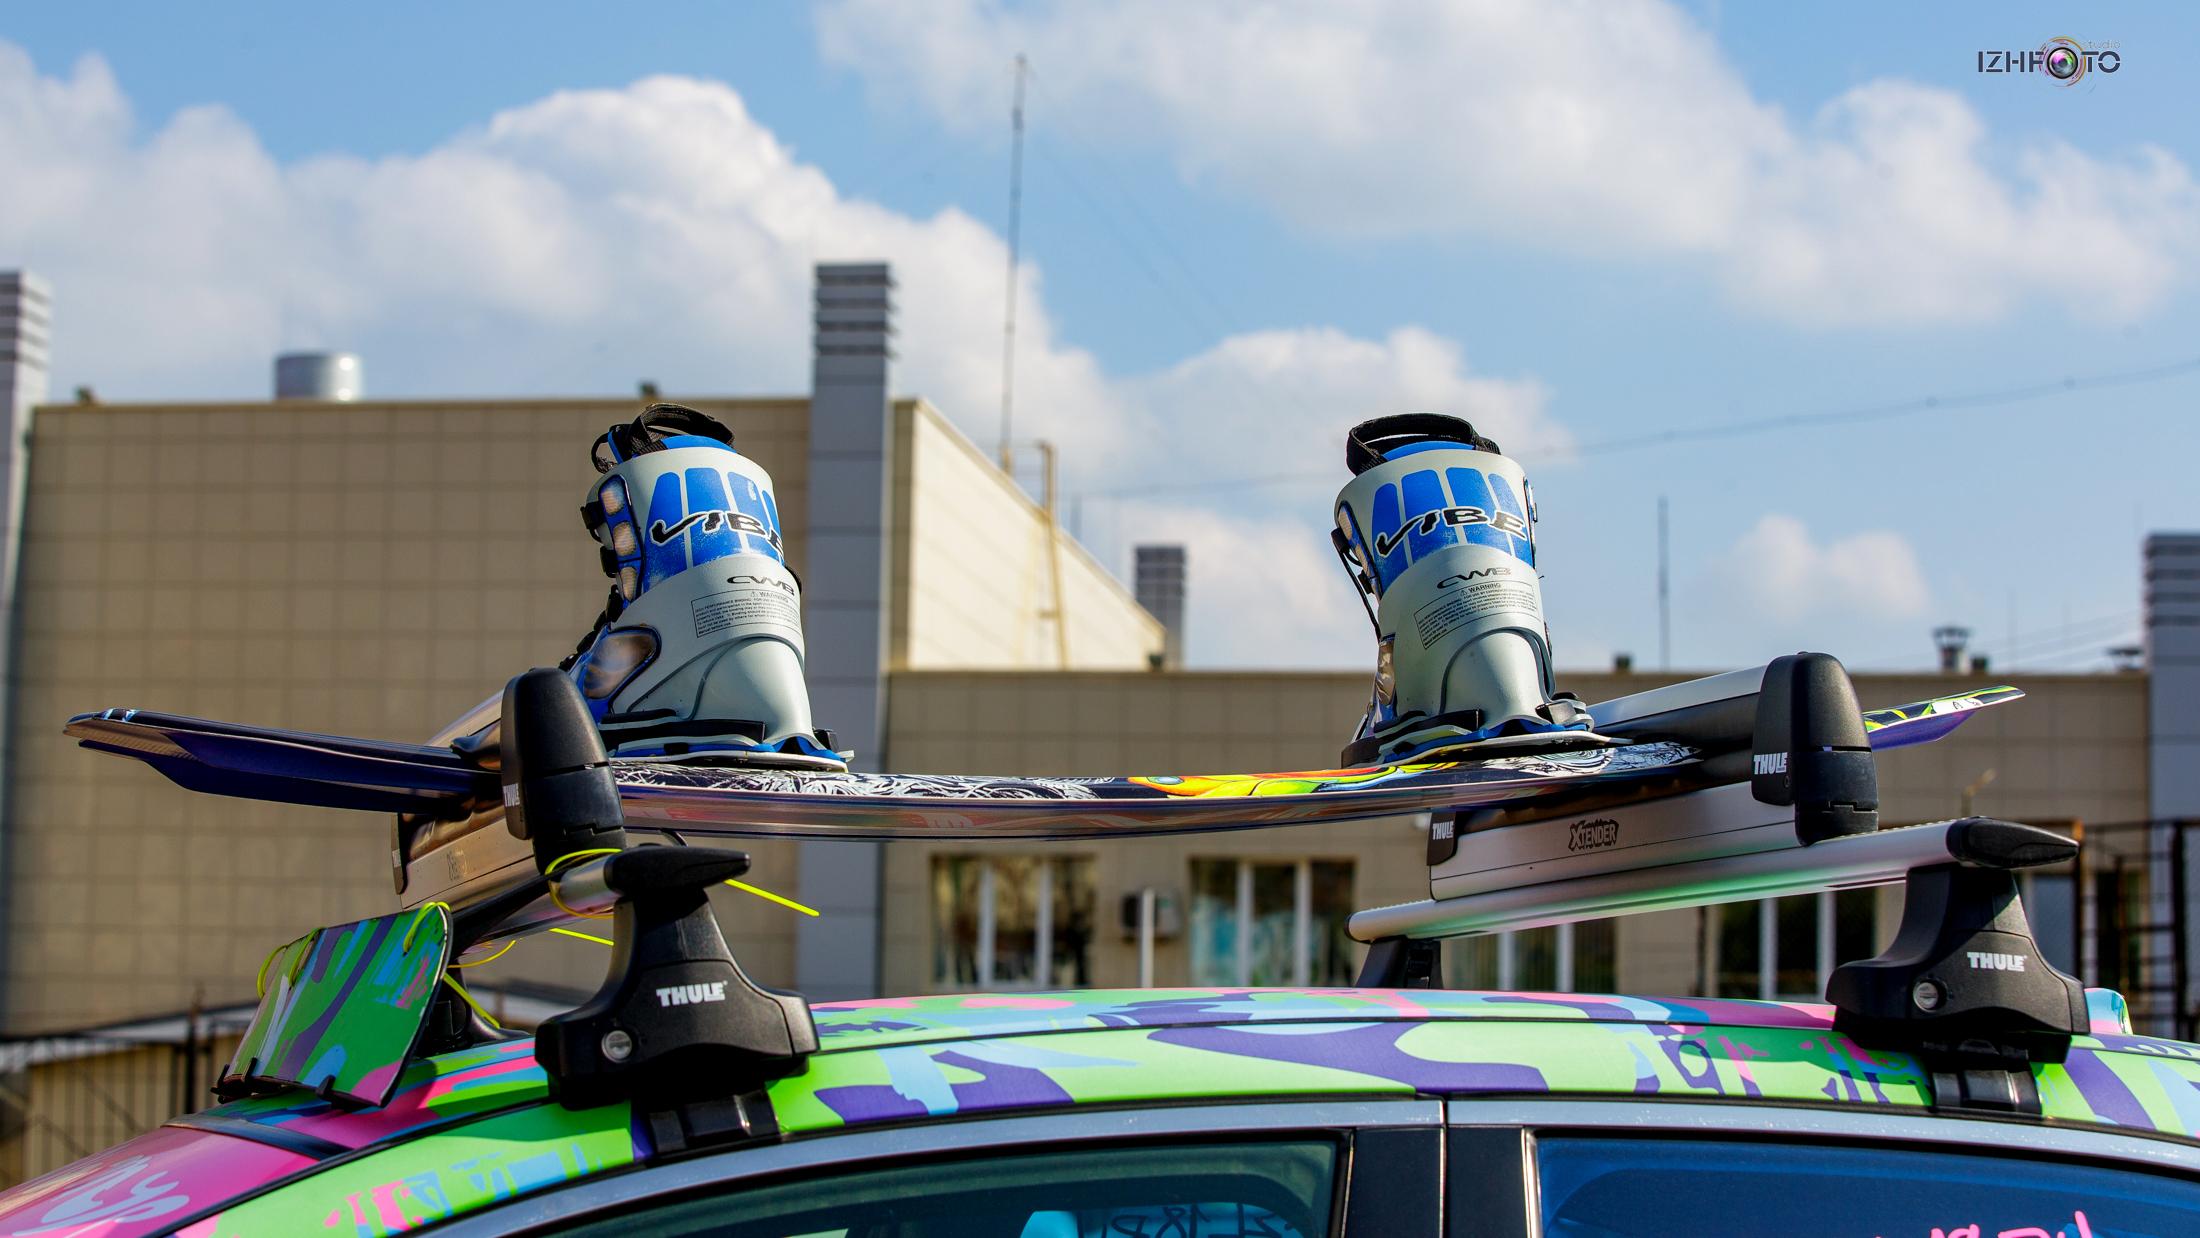 Красивый сноуборд с ботинками на крыше авто Фото